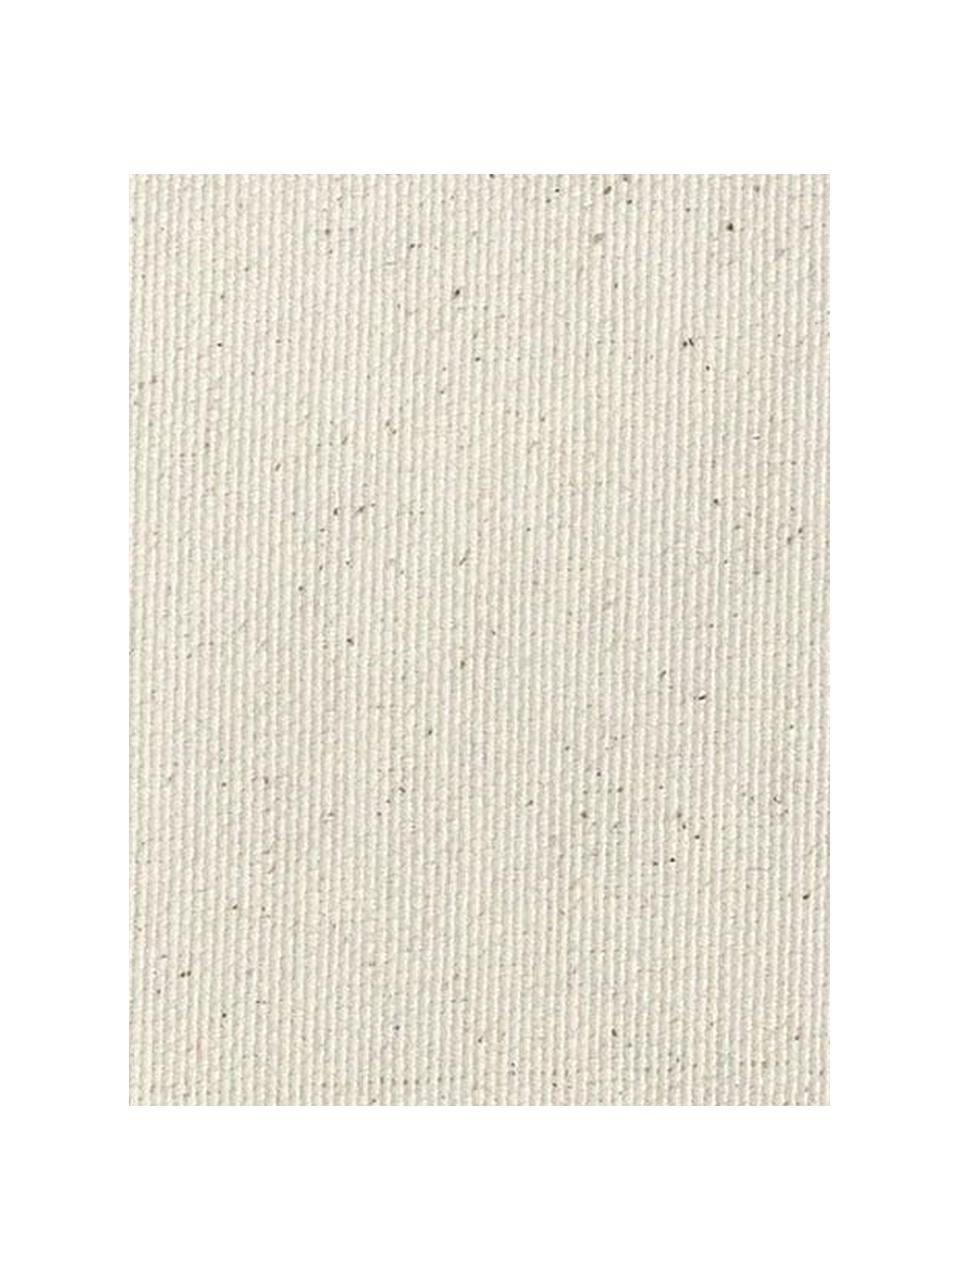 Copridivano Levante, 65% cotone, 35% poliestere, Beige, Larg. 110 x Lung. 220 cm